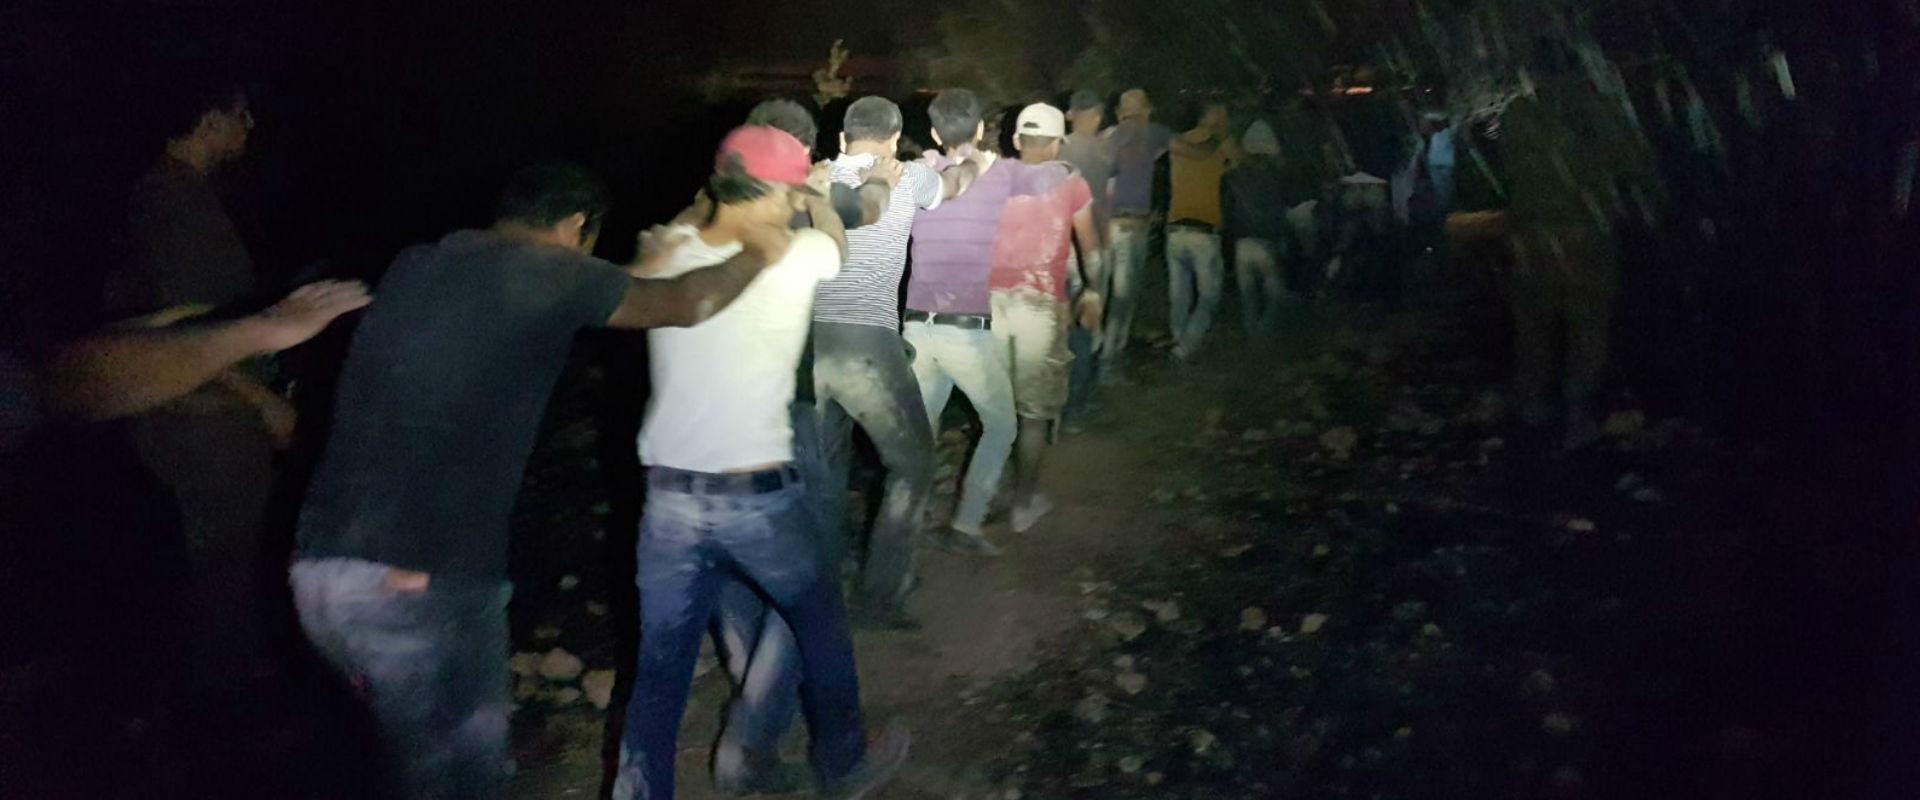 כמה מהפלסטינים שנתפסו בשקף